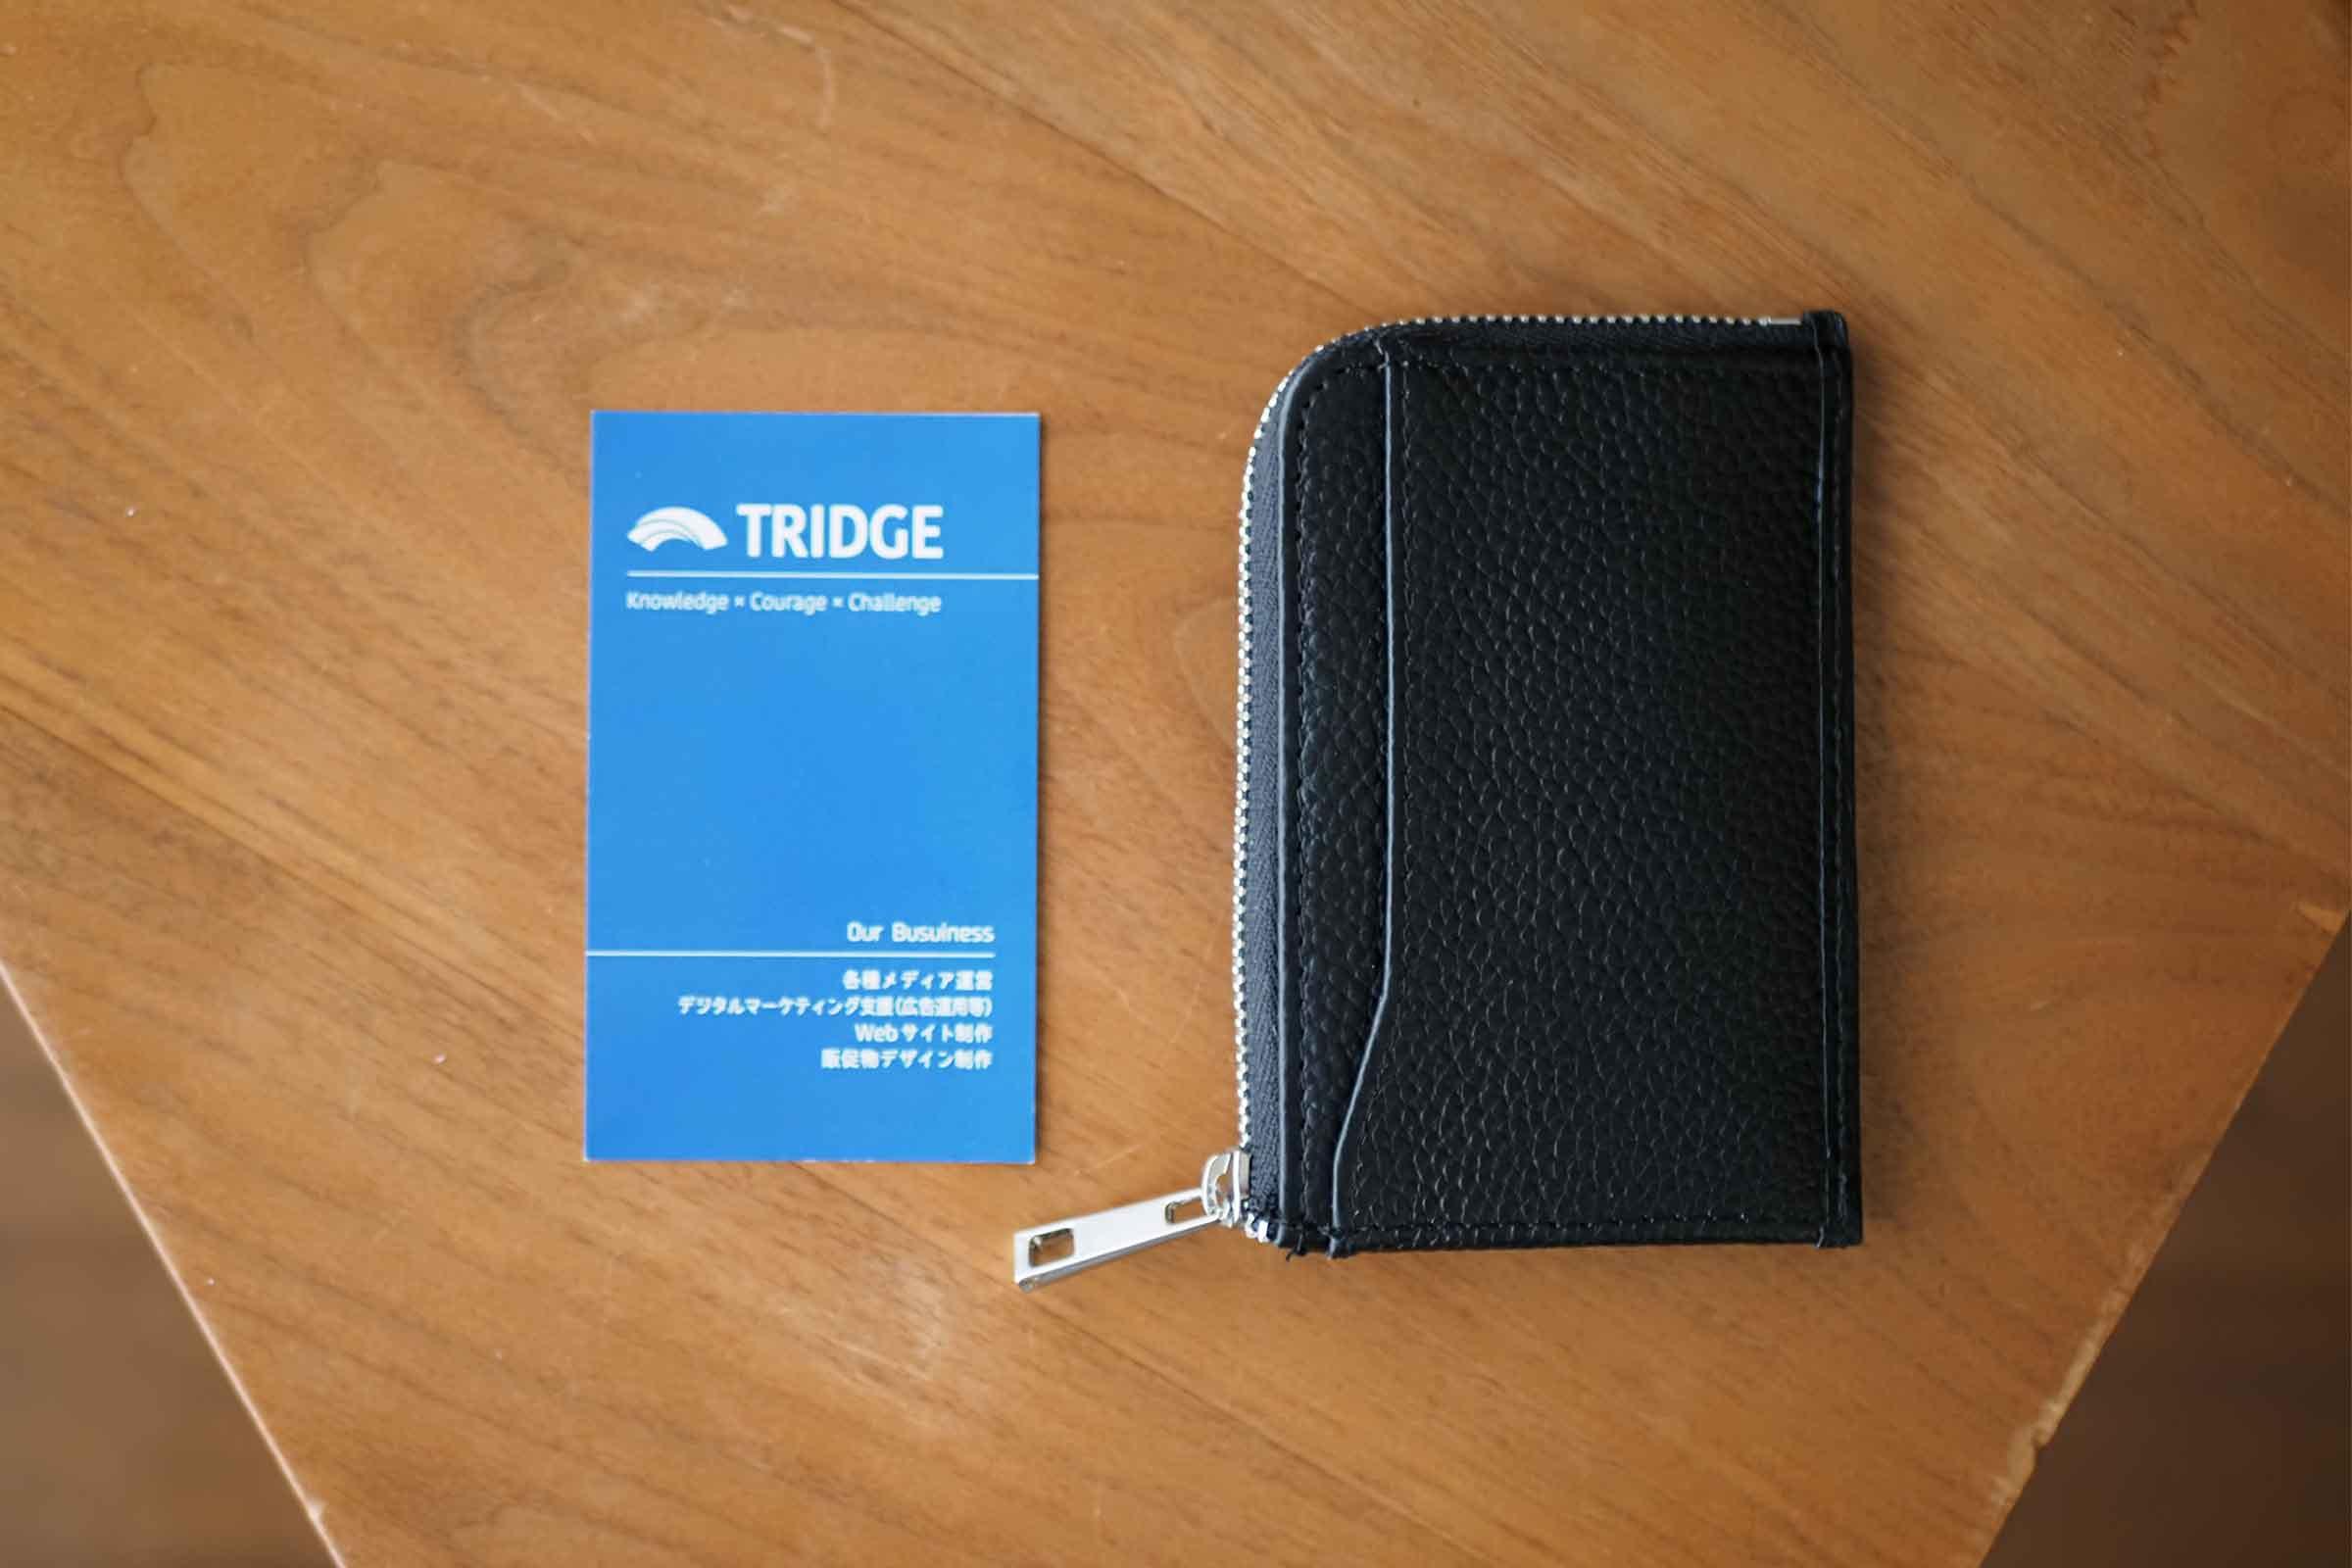 ミニ財布,リスキーモデル,risky,コンパクト,小さい,安い,コスパ,名刺